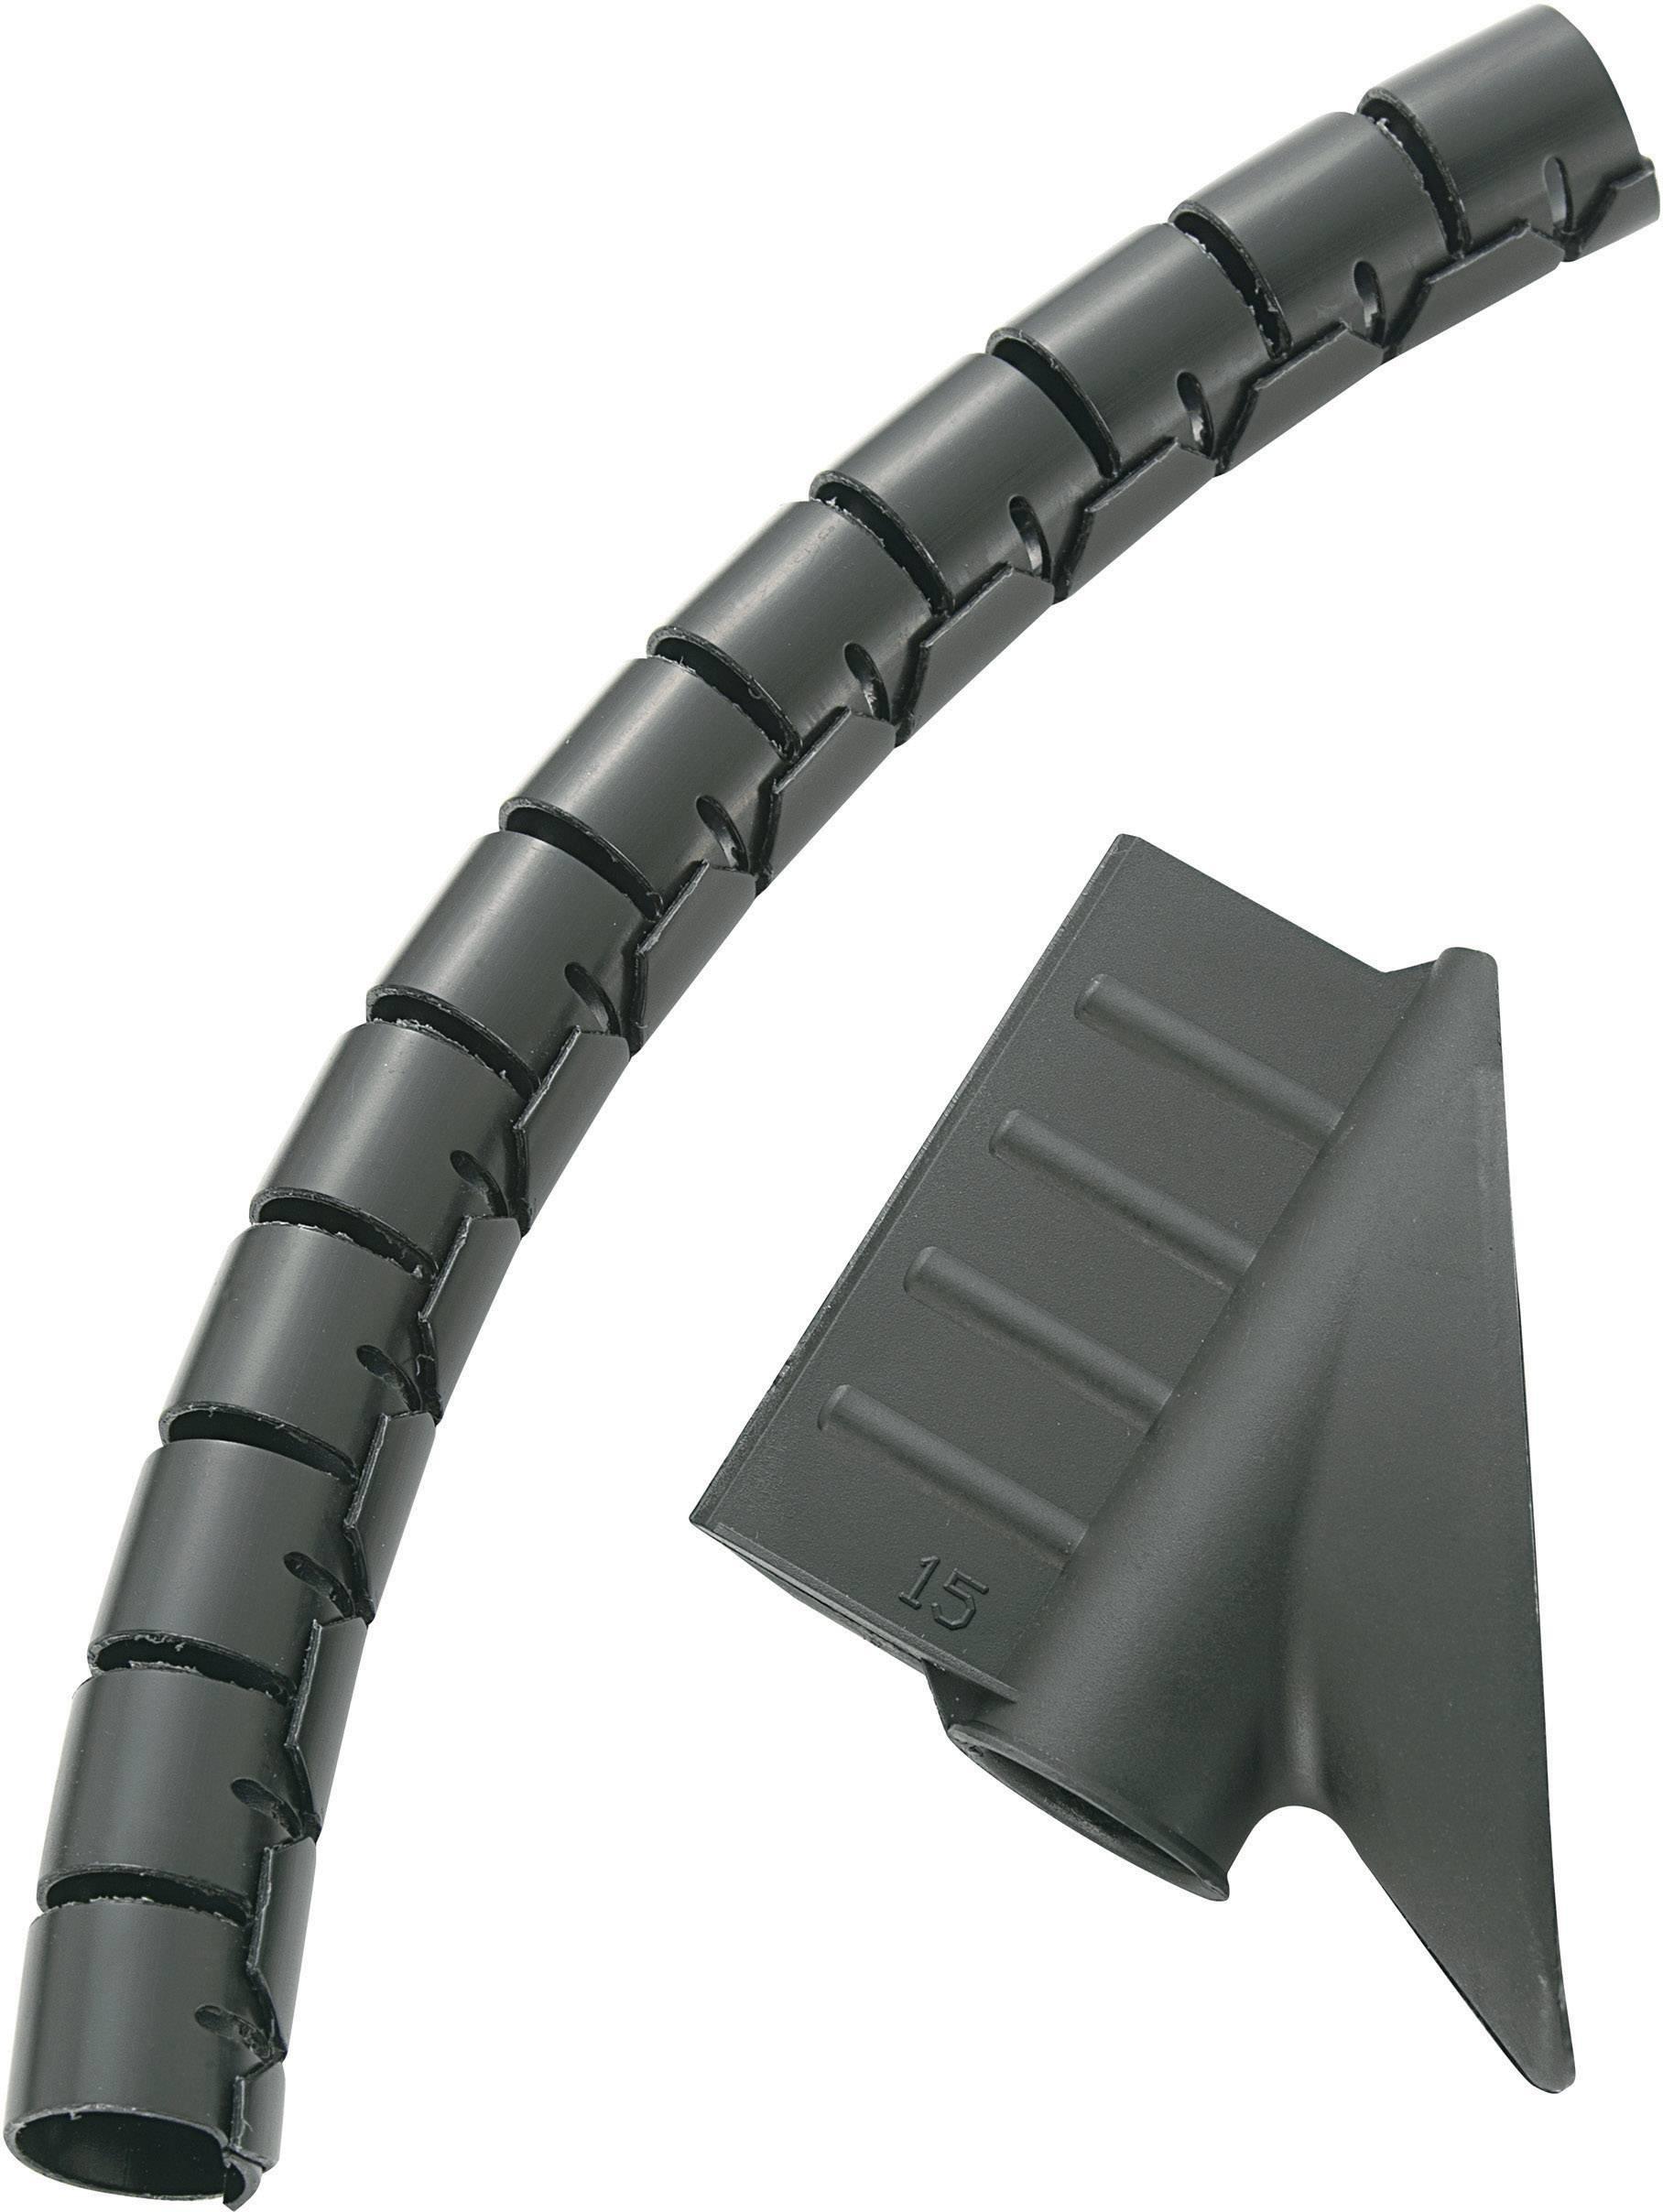 Káblový oplet KSS MX-KLT15GY, 15 mm (max), 5 m, sivá